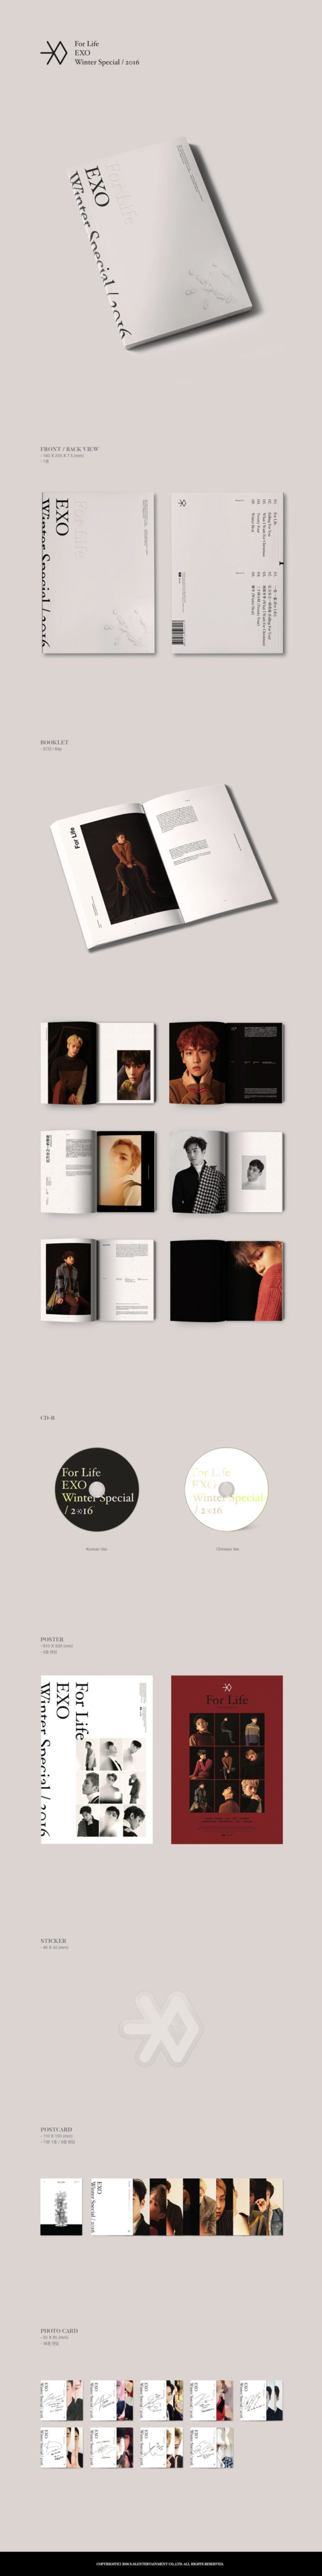 exo-album-details-768x6141